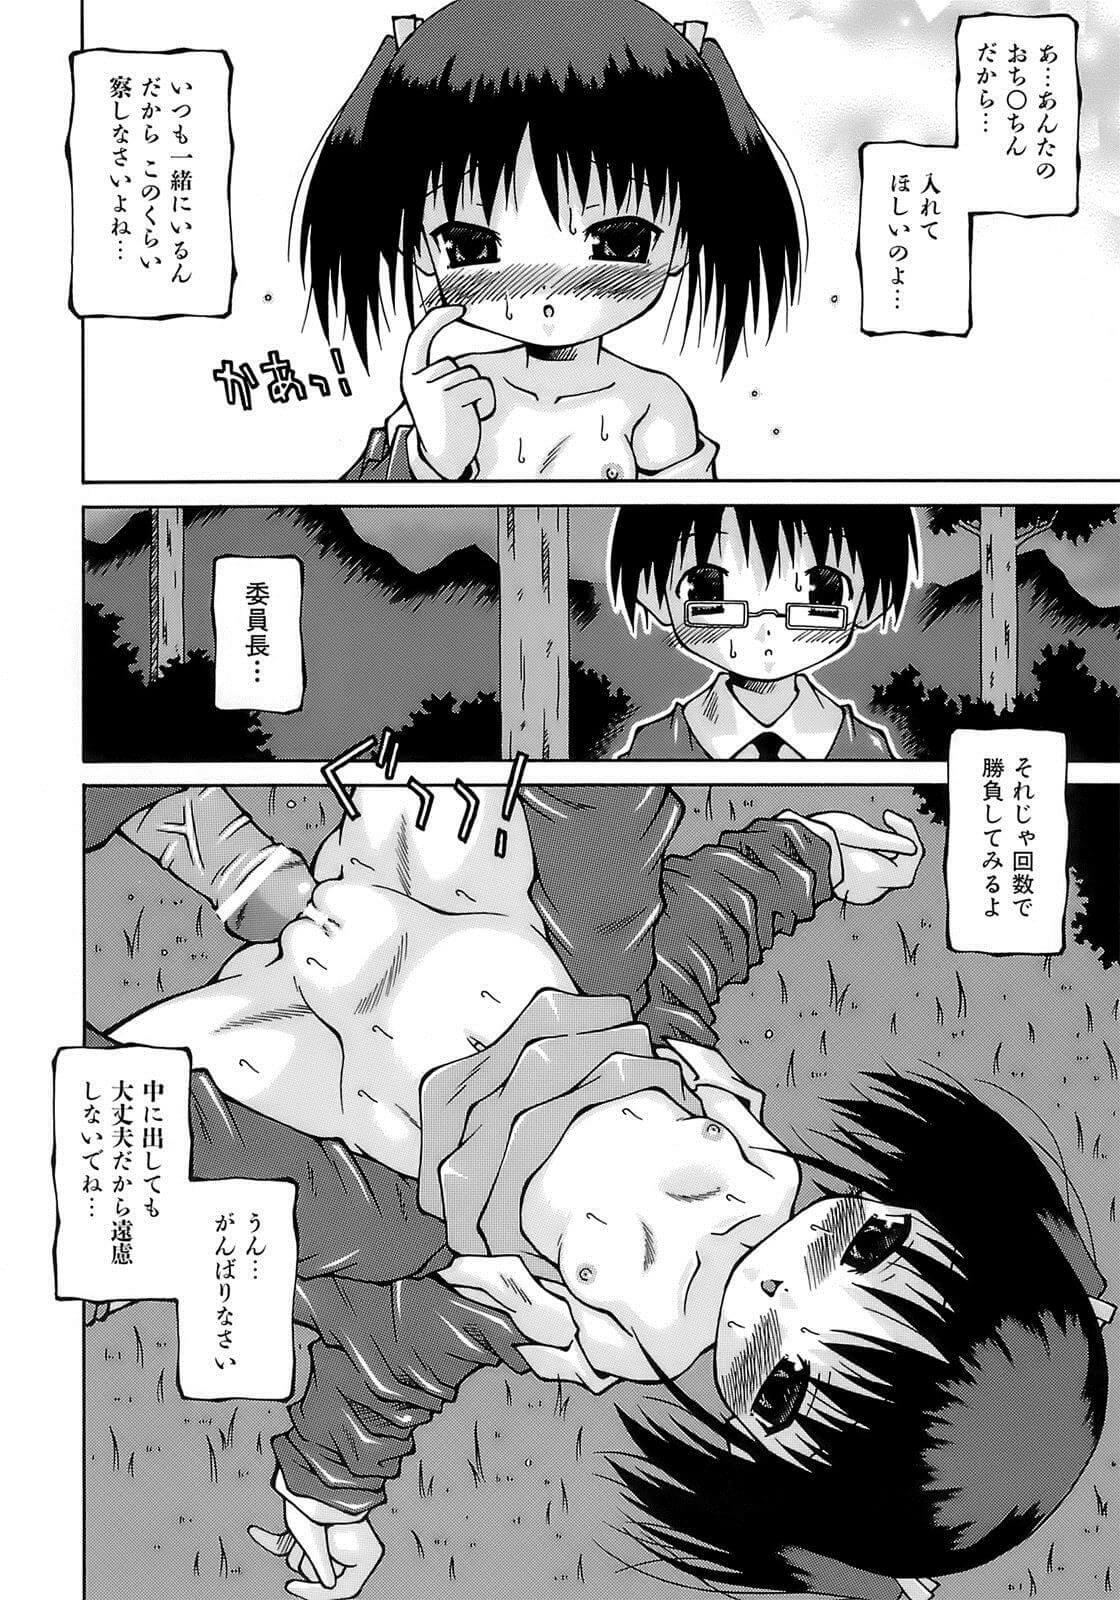 【エロ漫画】JCのツンデレ委員長が帰りにおしっこしたくなってチラ見してたら舐めさせられて…!【無料 エロ同人】 (14)